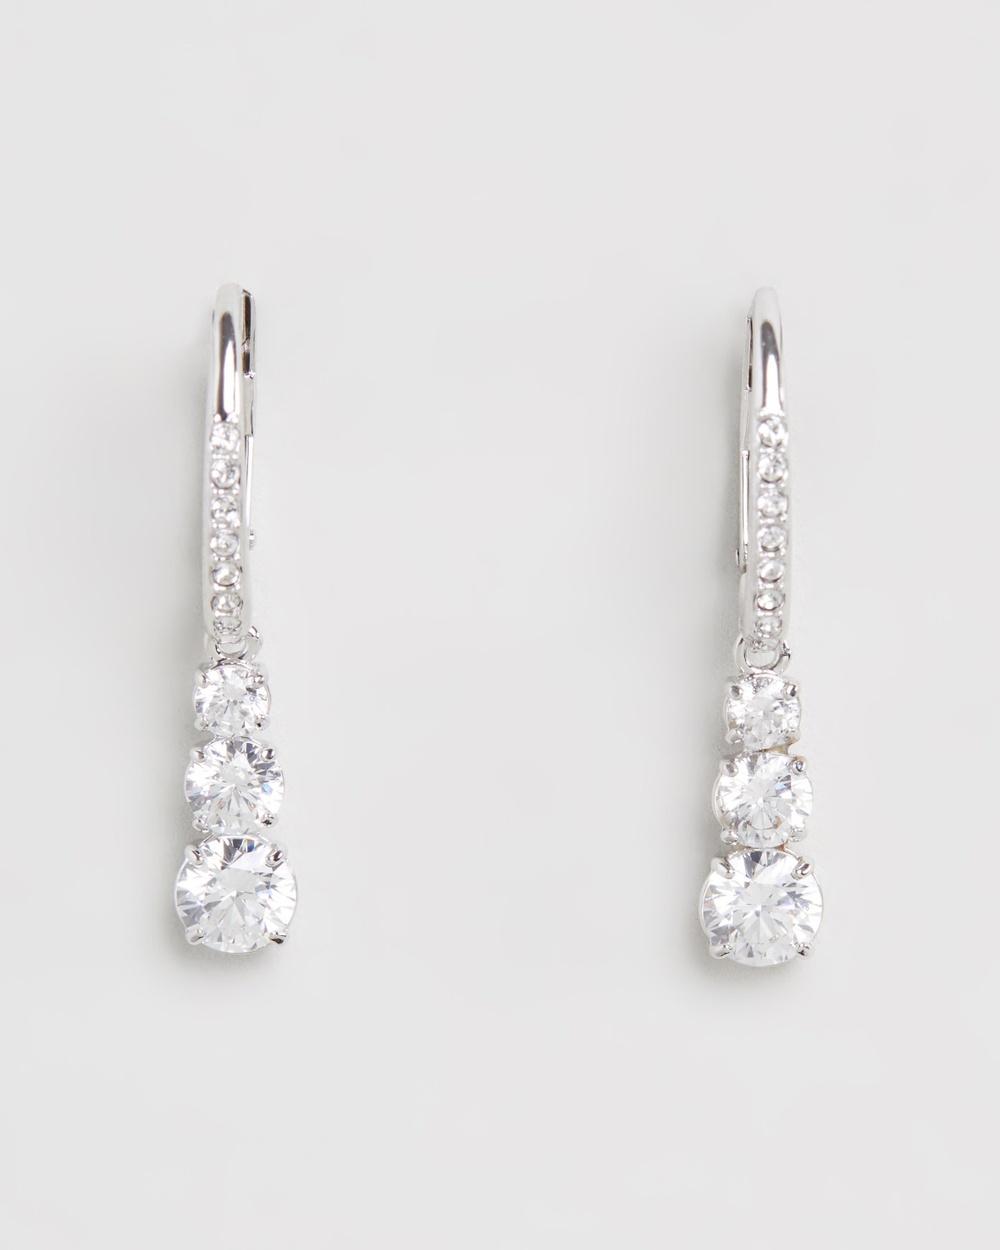 Swarovski Attract Trilogy Earrings Jewellery Silver